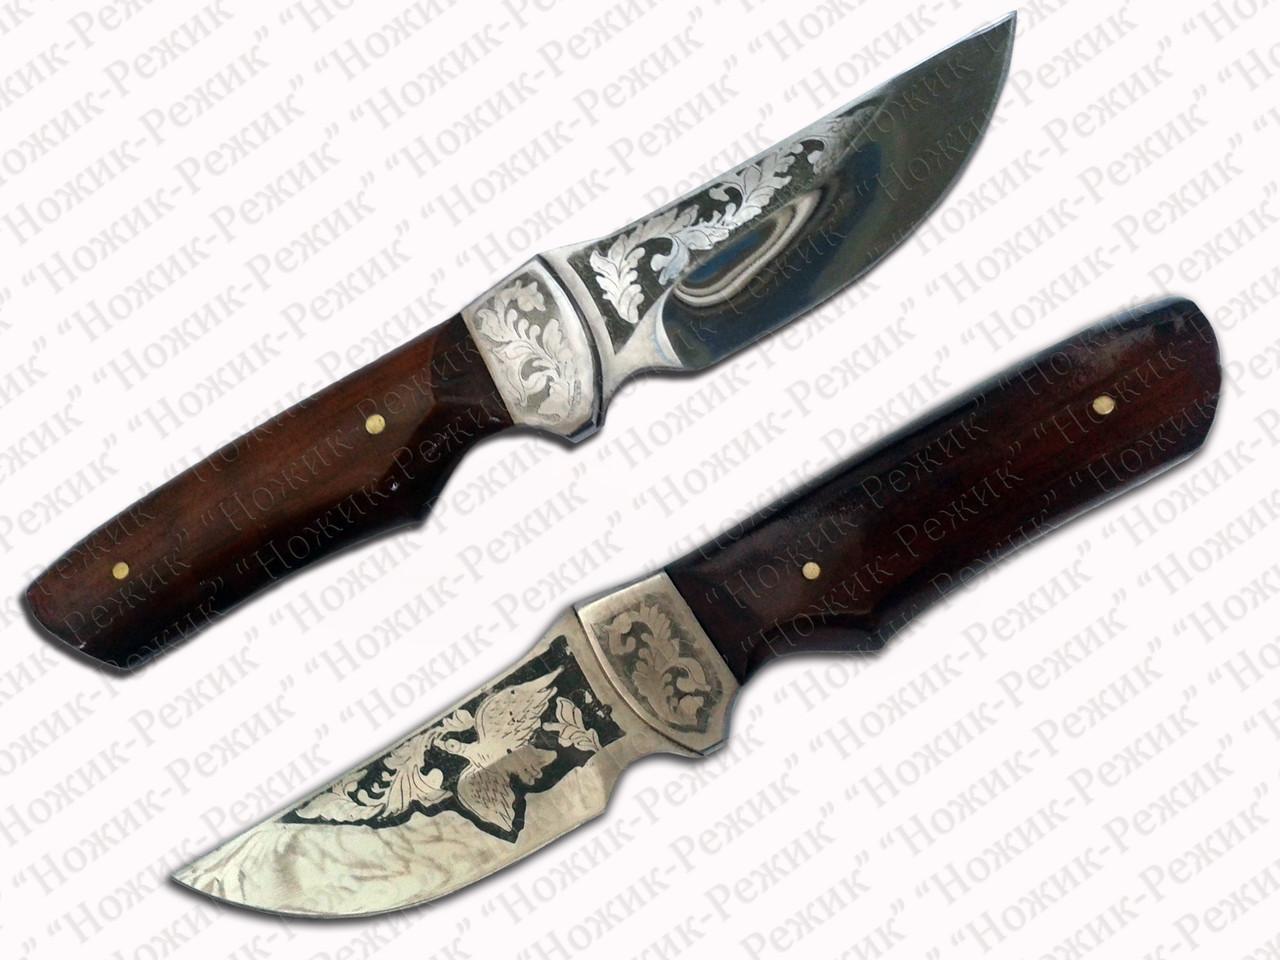 Туристический нож, нож для охоты и рыбалки, охотничий нож,нескладной нож, стальной нож, рыбацкий нож